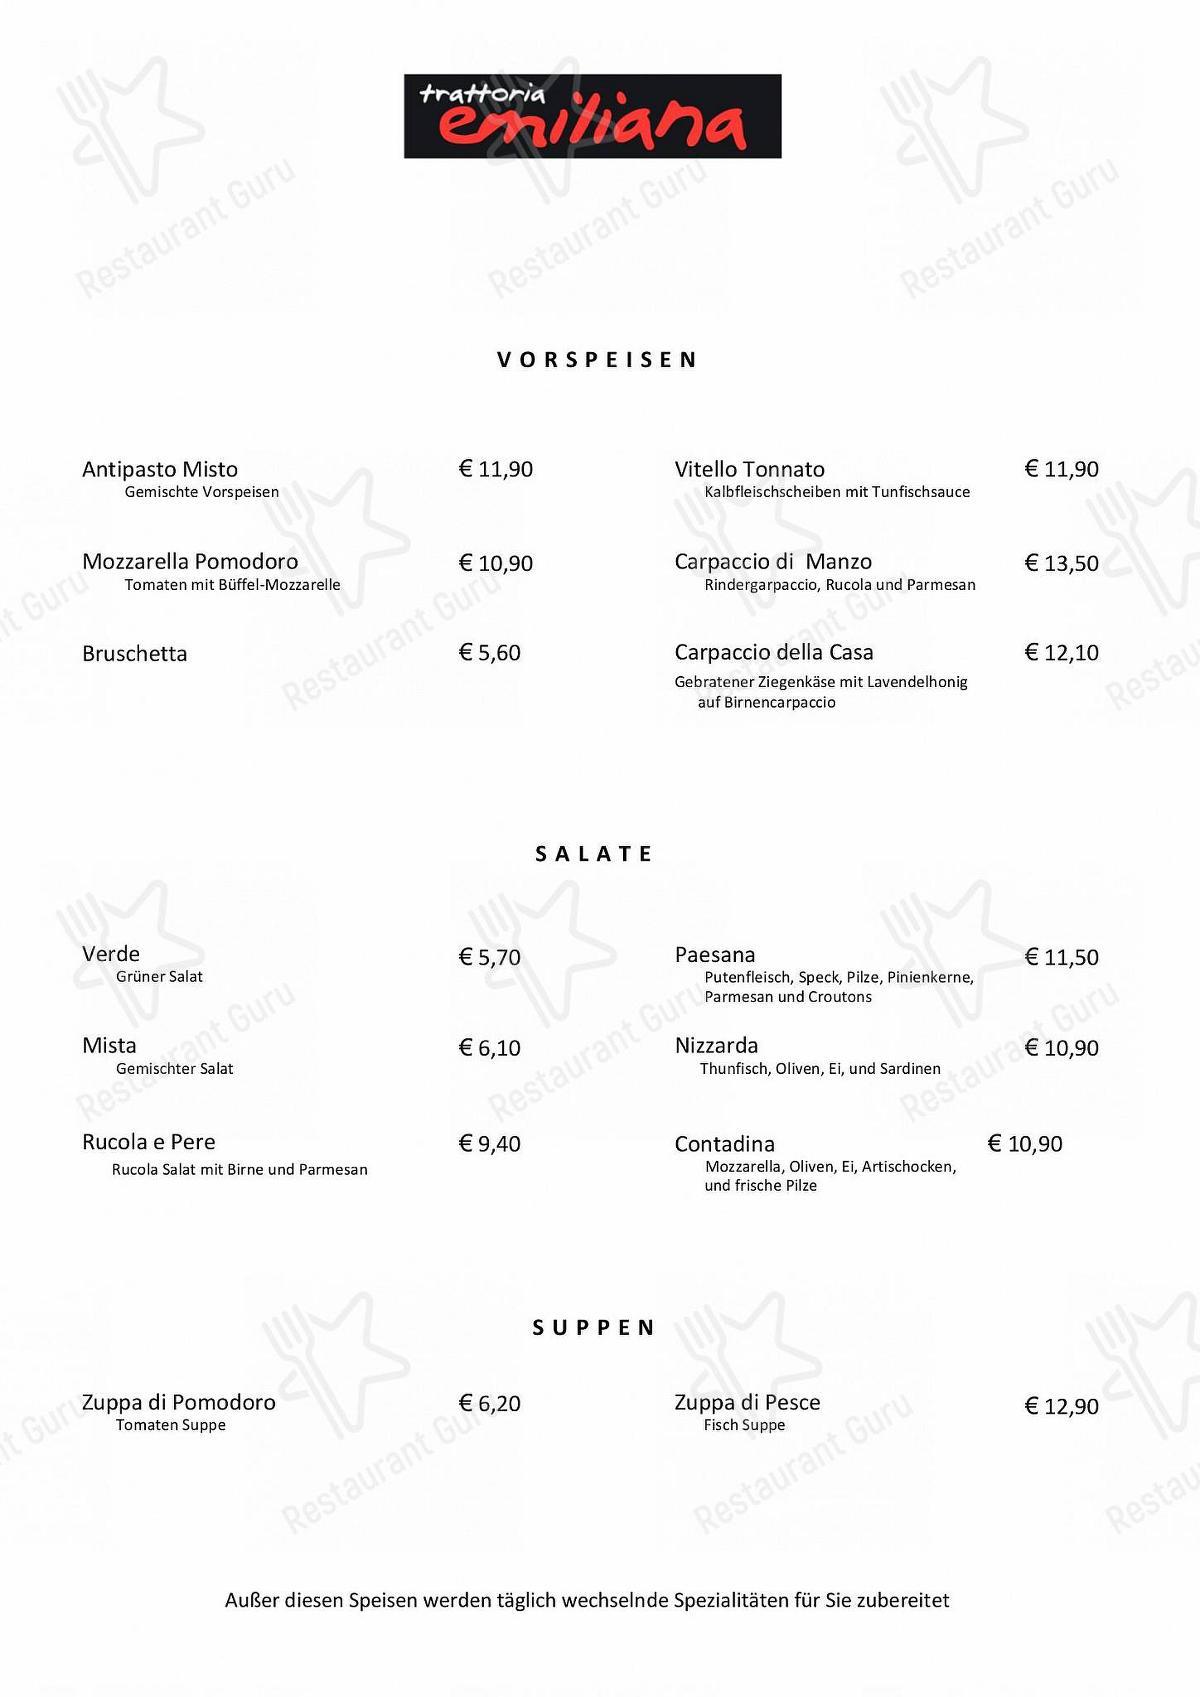 Меню для посетителей ресторана Trattoria Emiliana - Düsseldorf (Pempelfort)